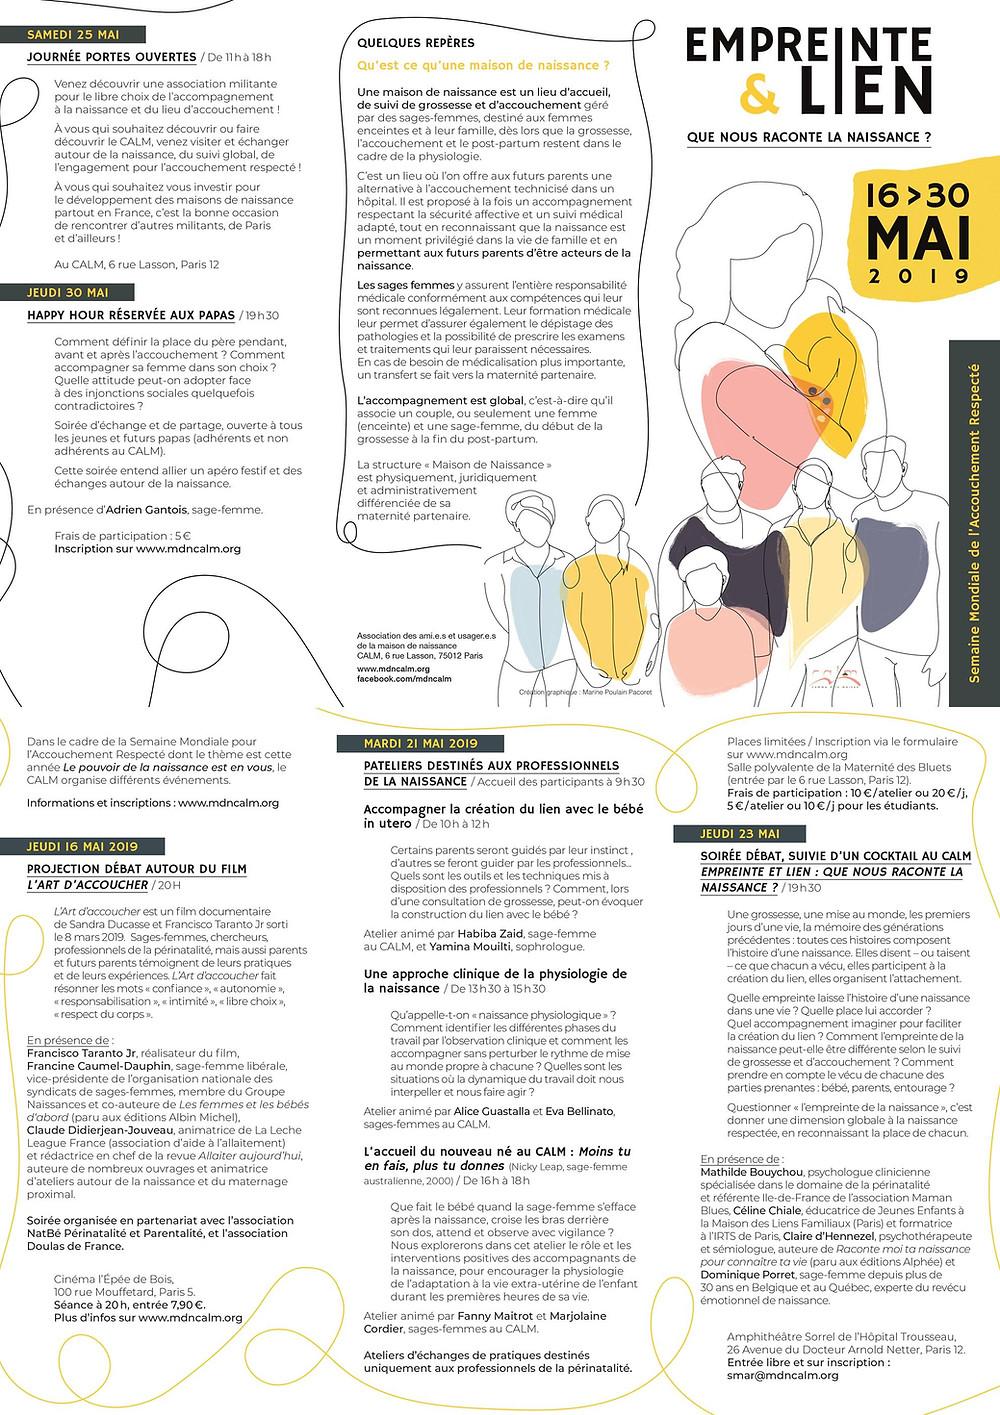 Empreinte & Lien programme des actions , débats, films, rencontres ...